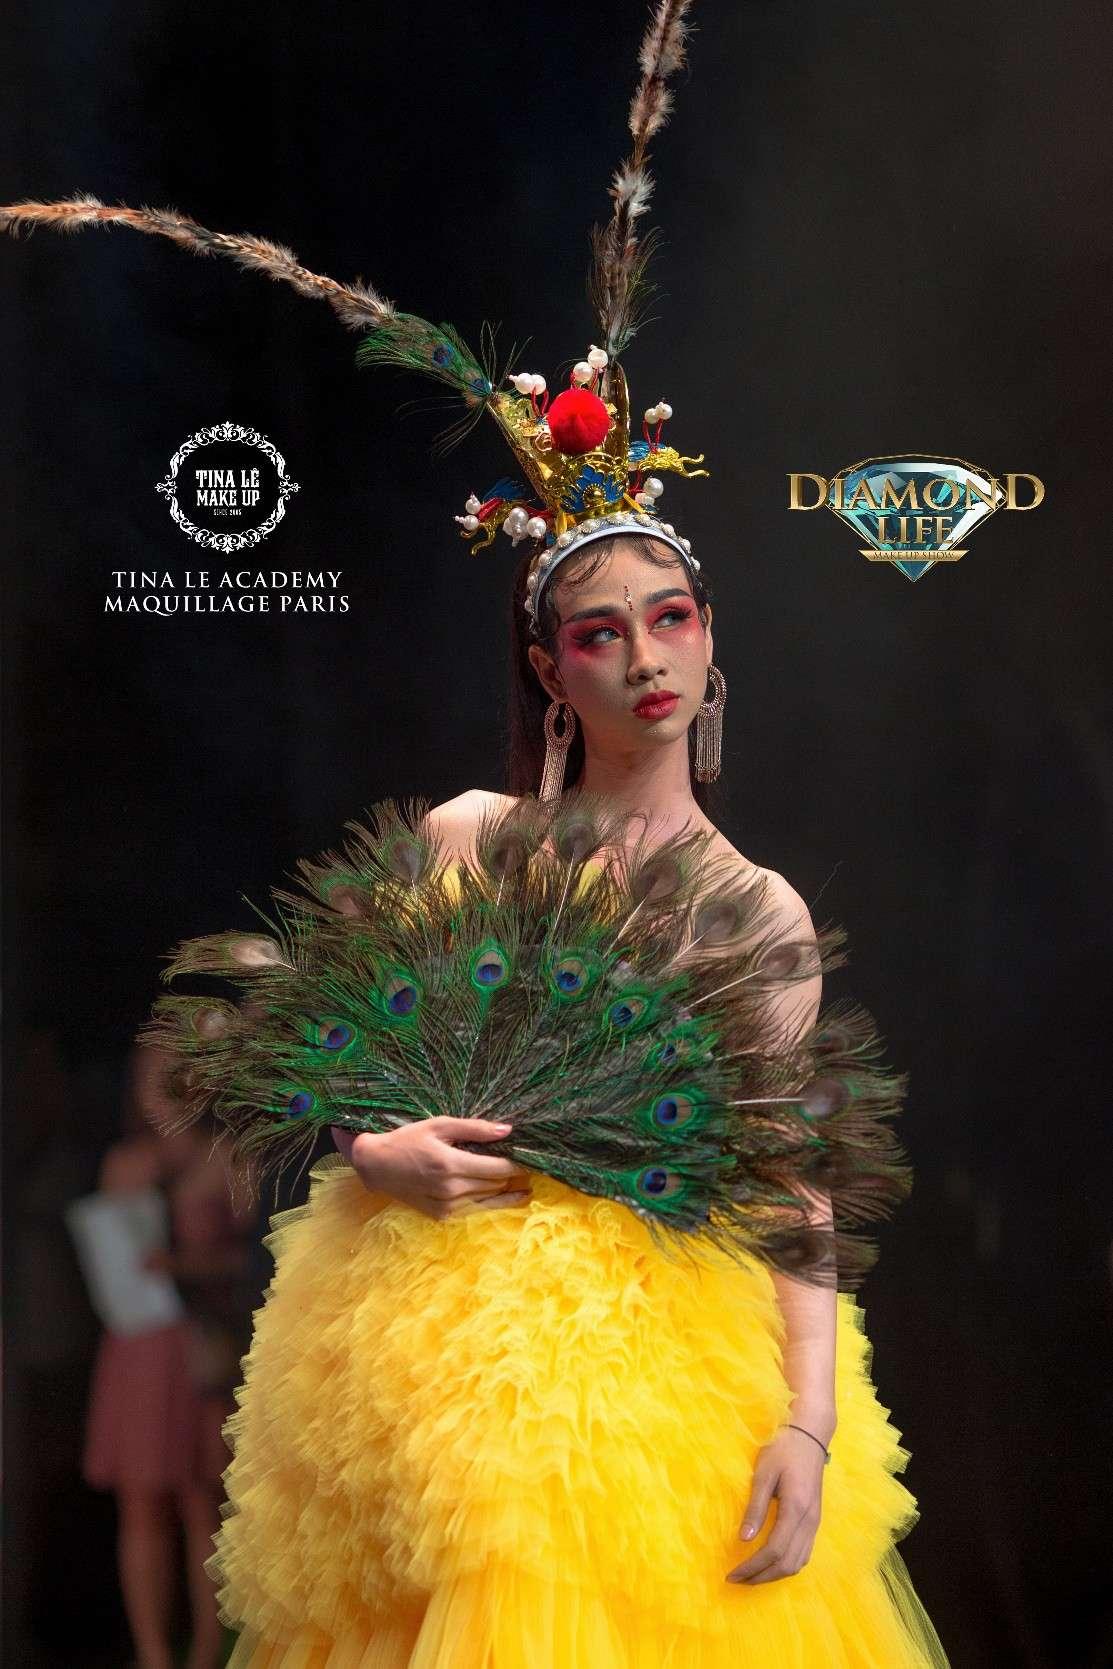 """Vào vai Mỹ Hầu Vương, Hải Triều khiến khán giả chỉ có thể thốt lên rằng """"Wow, quá đẹp!""""."""